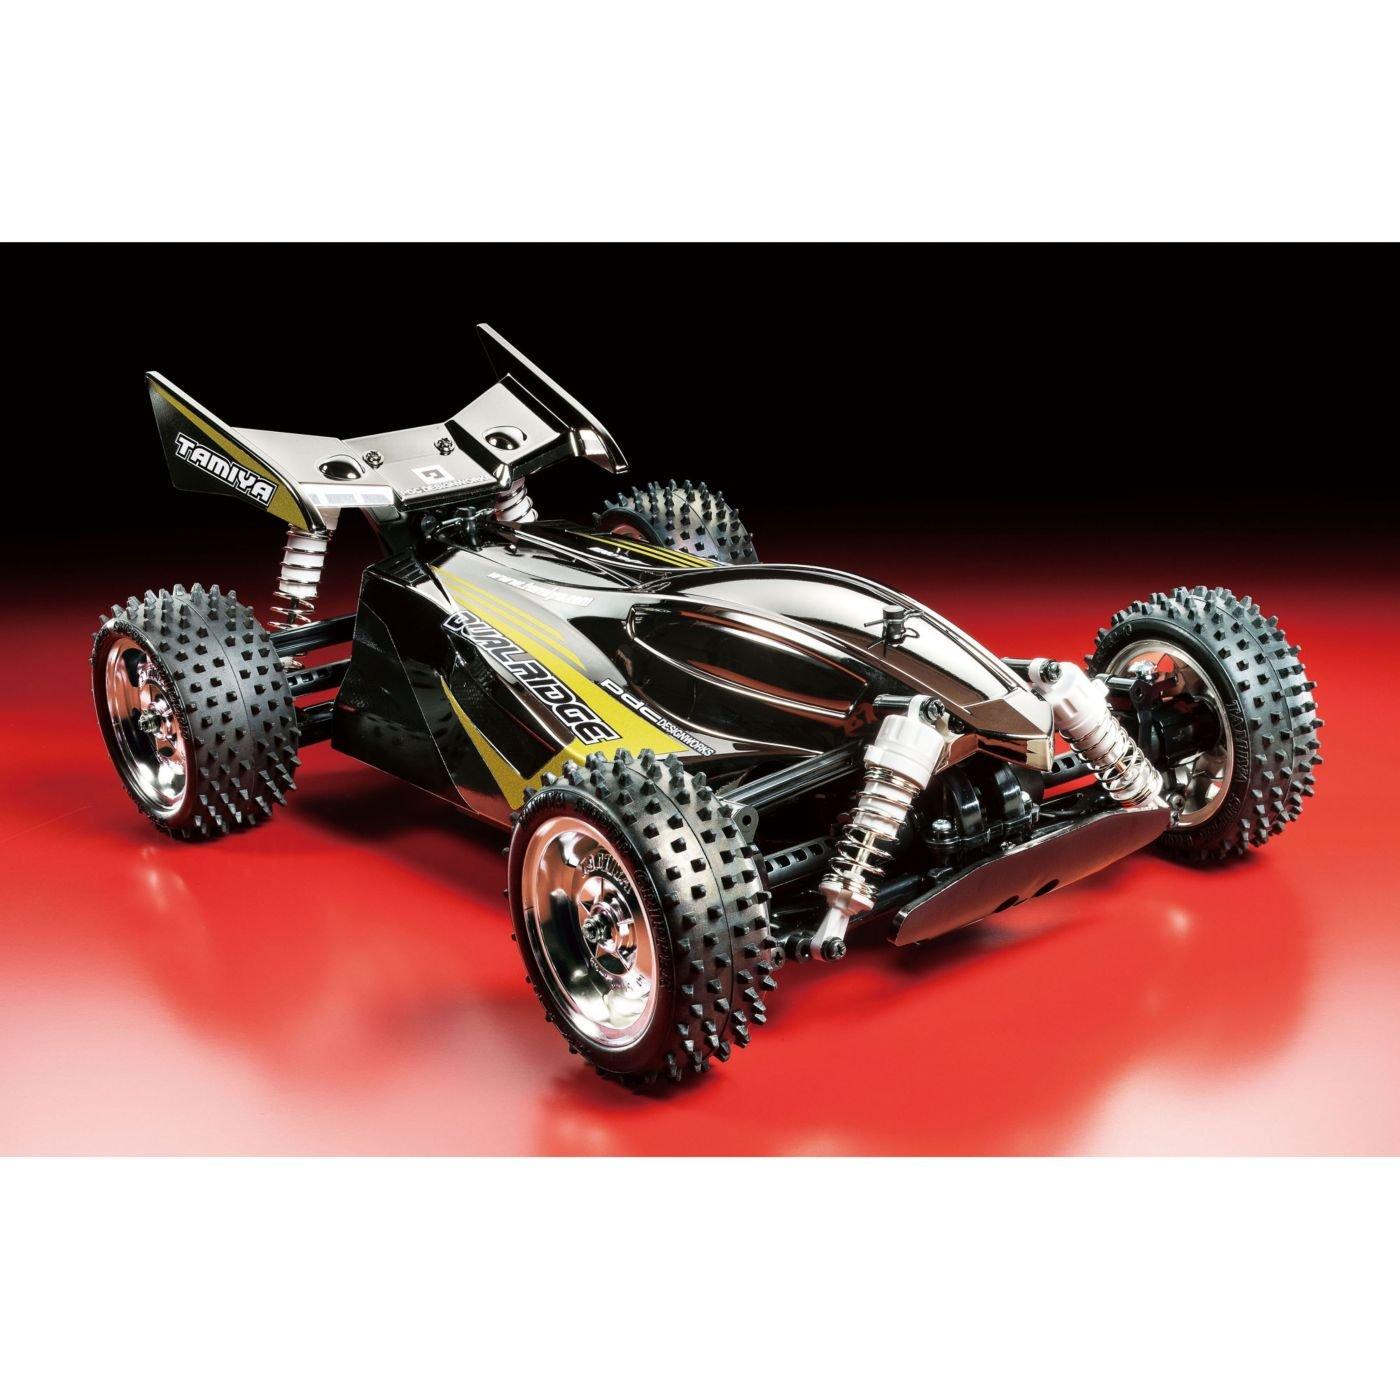 タミヤ RC特別企画商品 1/10 電動RCカー ドュアルリッジ ブラックメタリック (TT-02Bシャーシ) オフロード 47355 B071S1W848